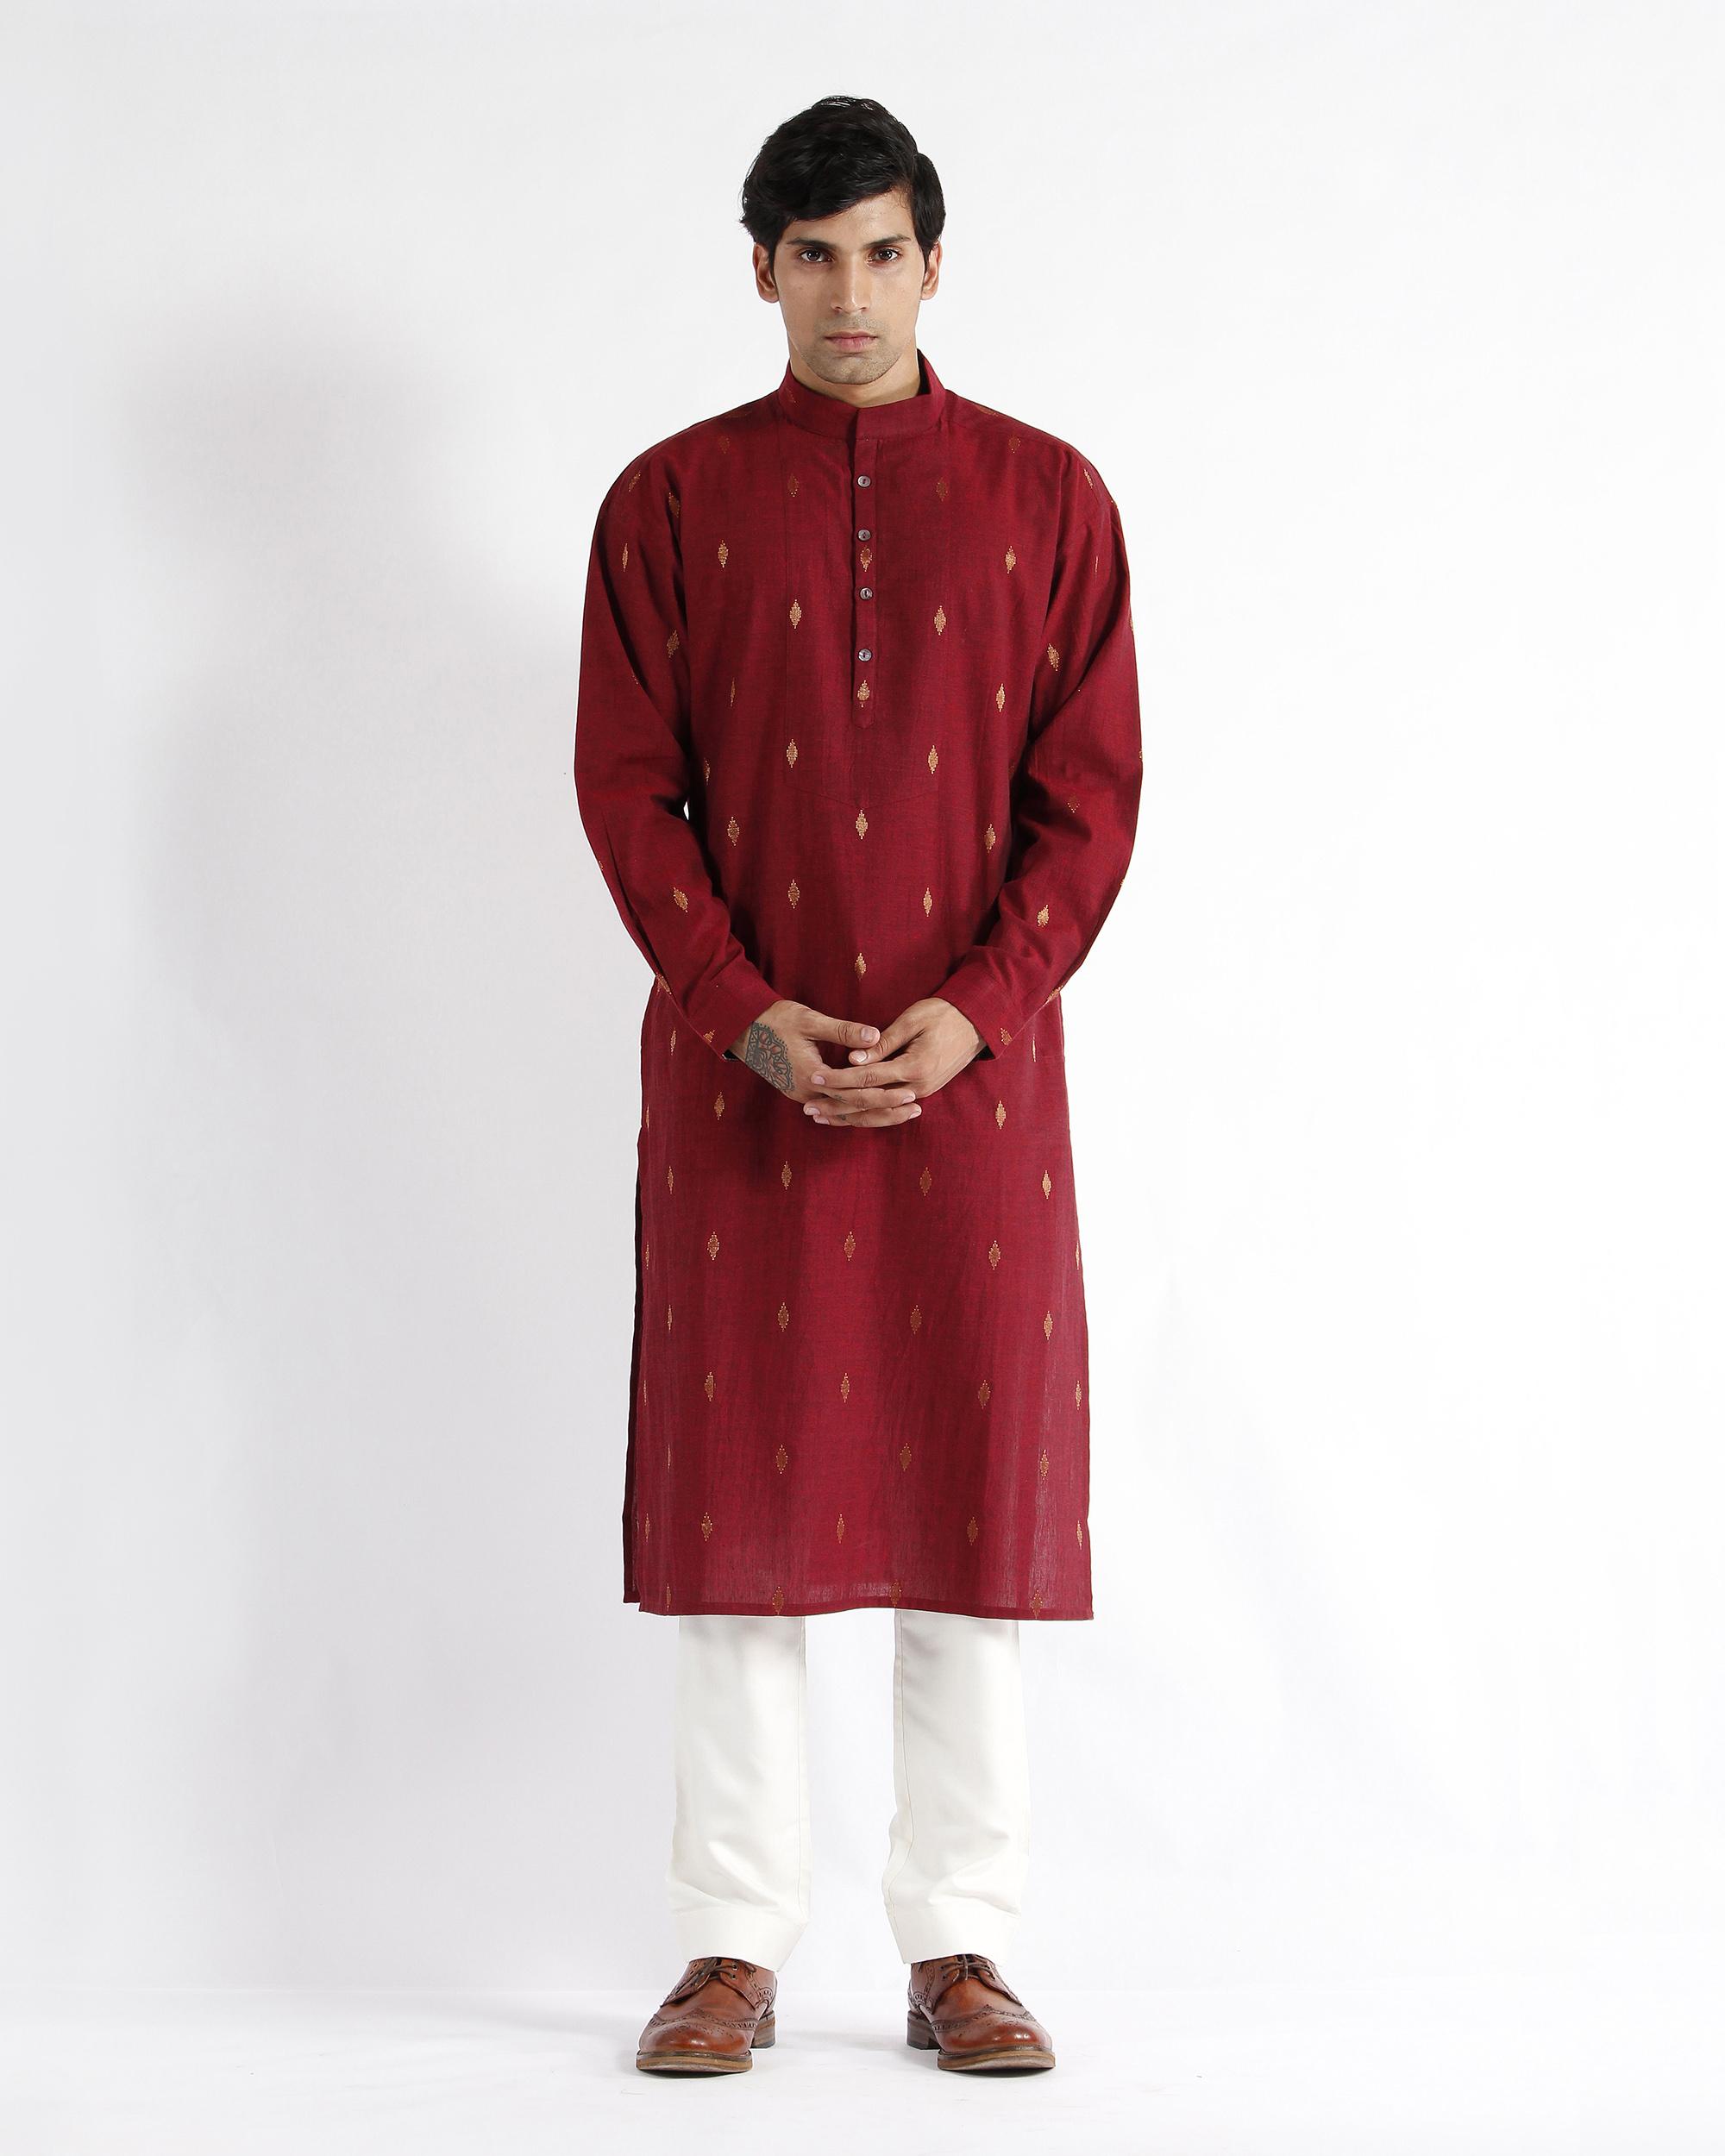 Maroon handwoven cotton drop shoulder kurta